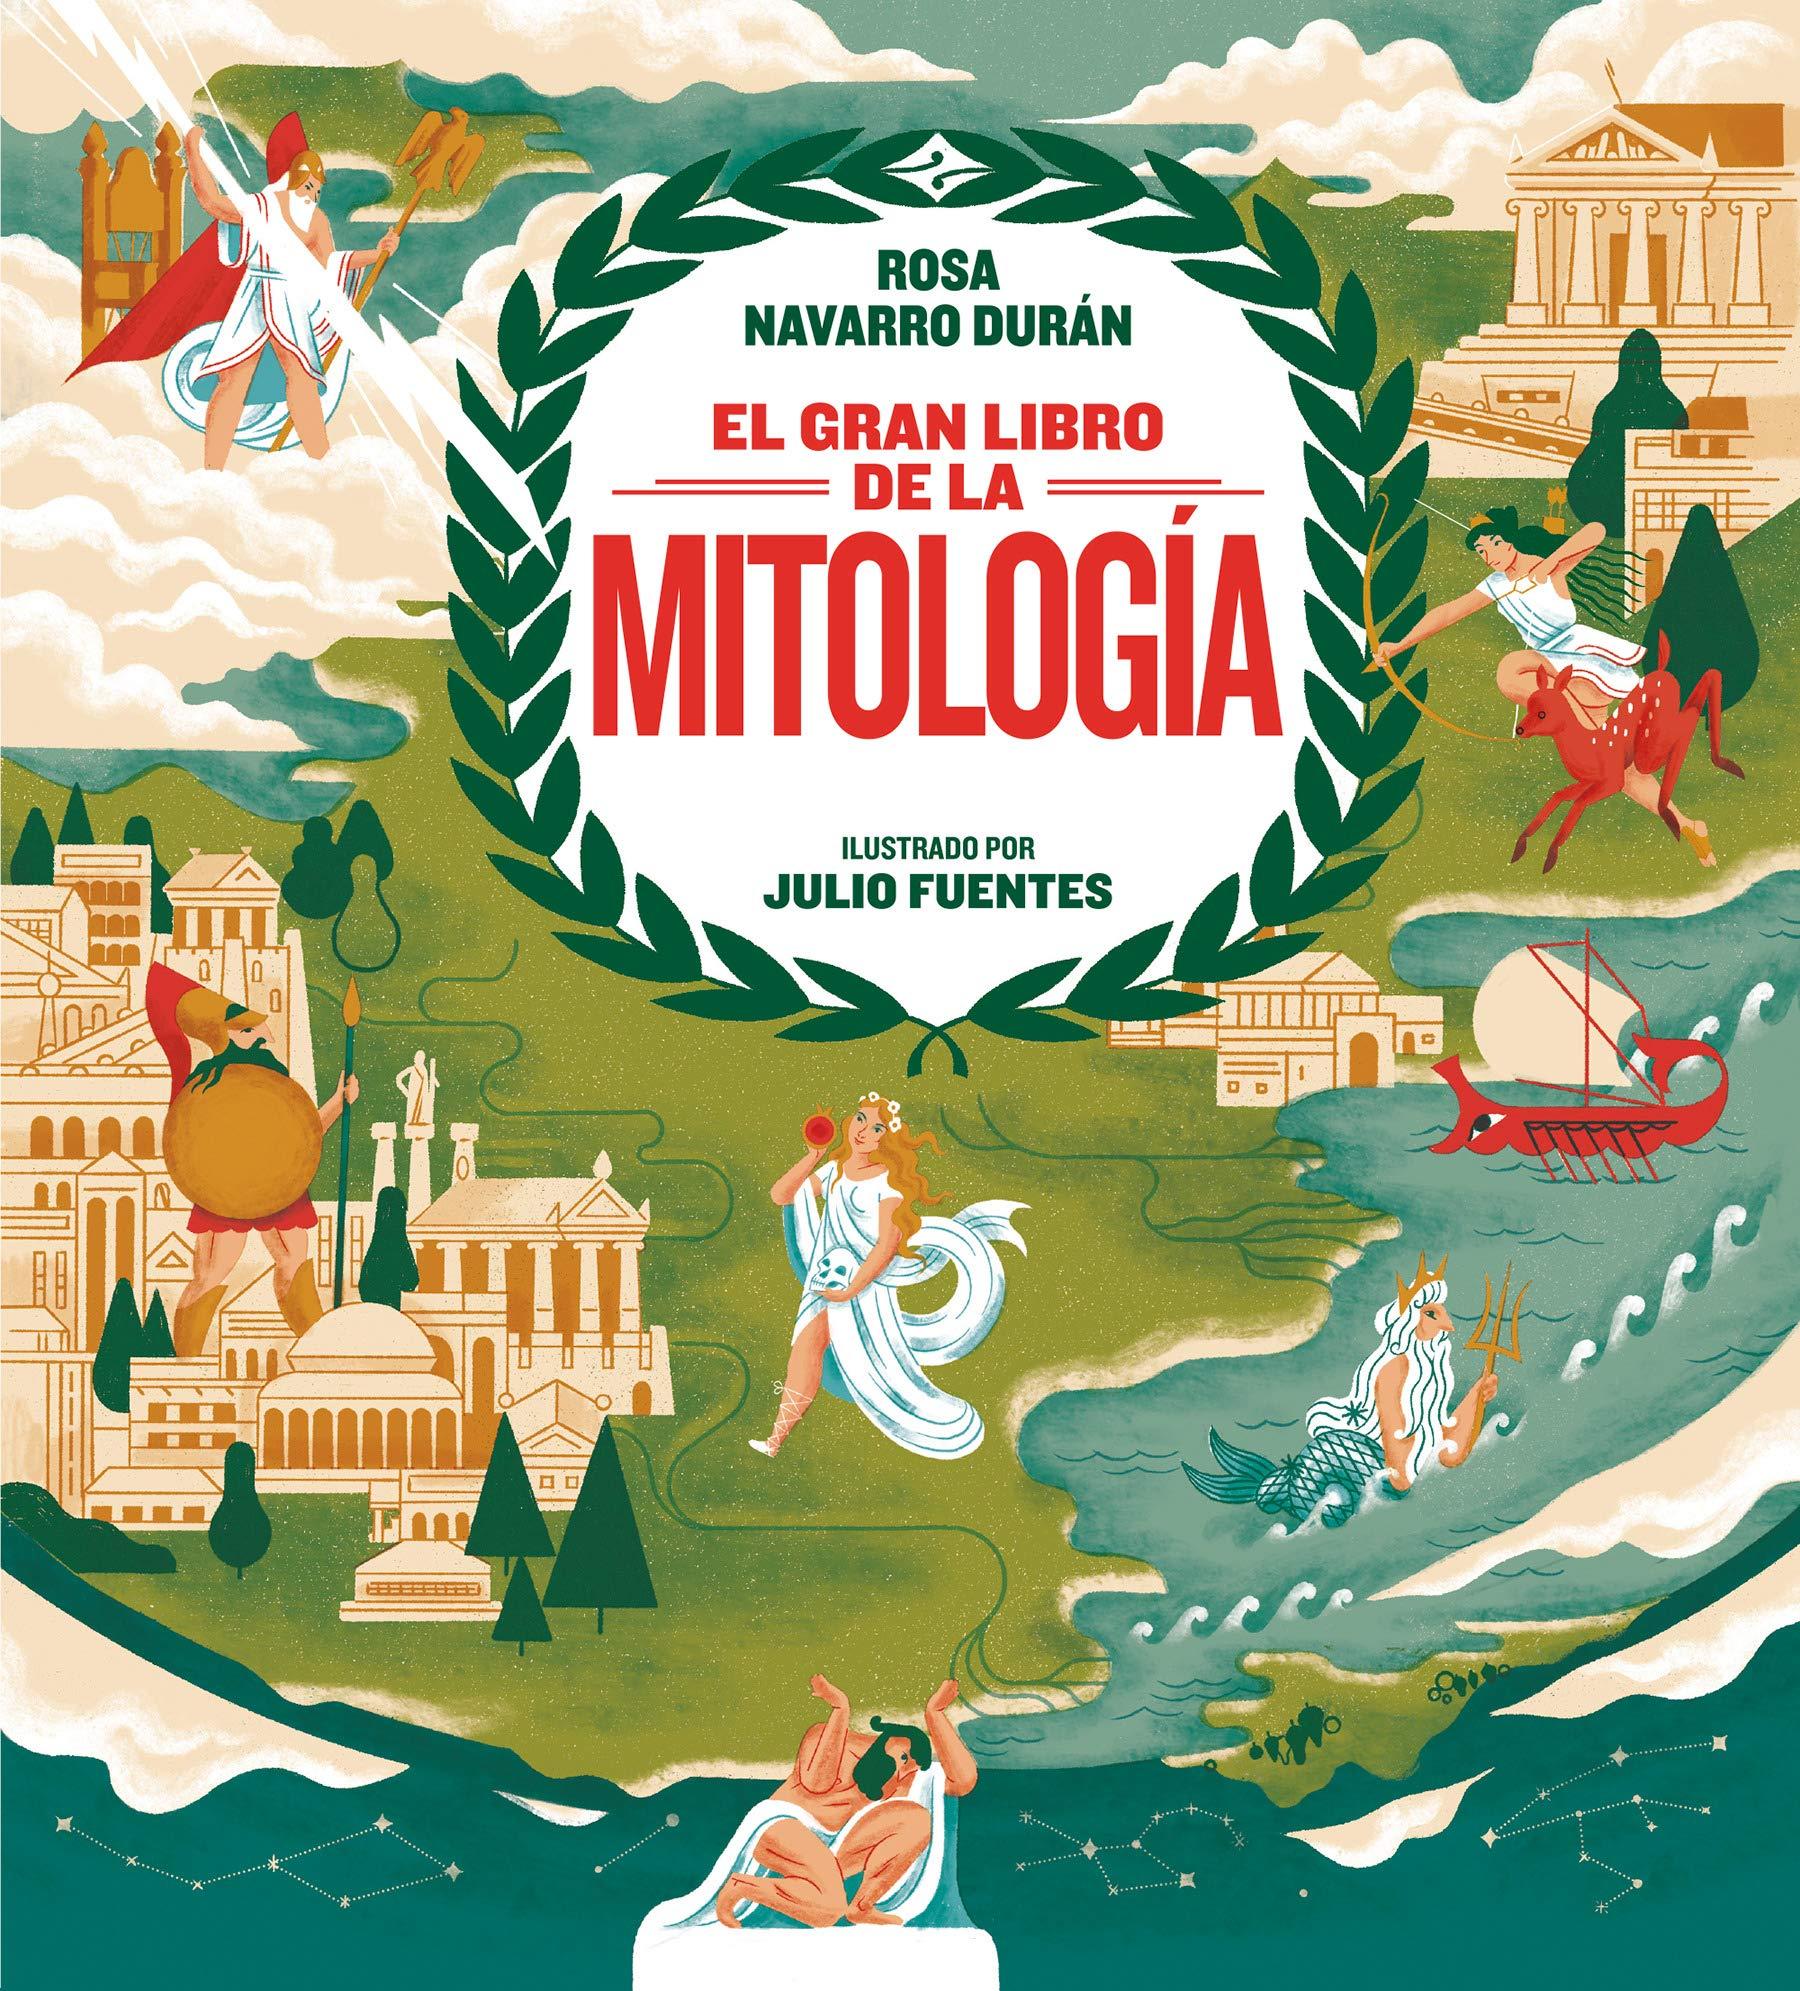 El gran libro de la mitología (Libros ilustrados): Amazon.es: Navarro, Rosa: Libros